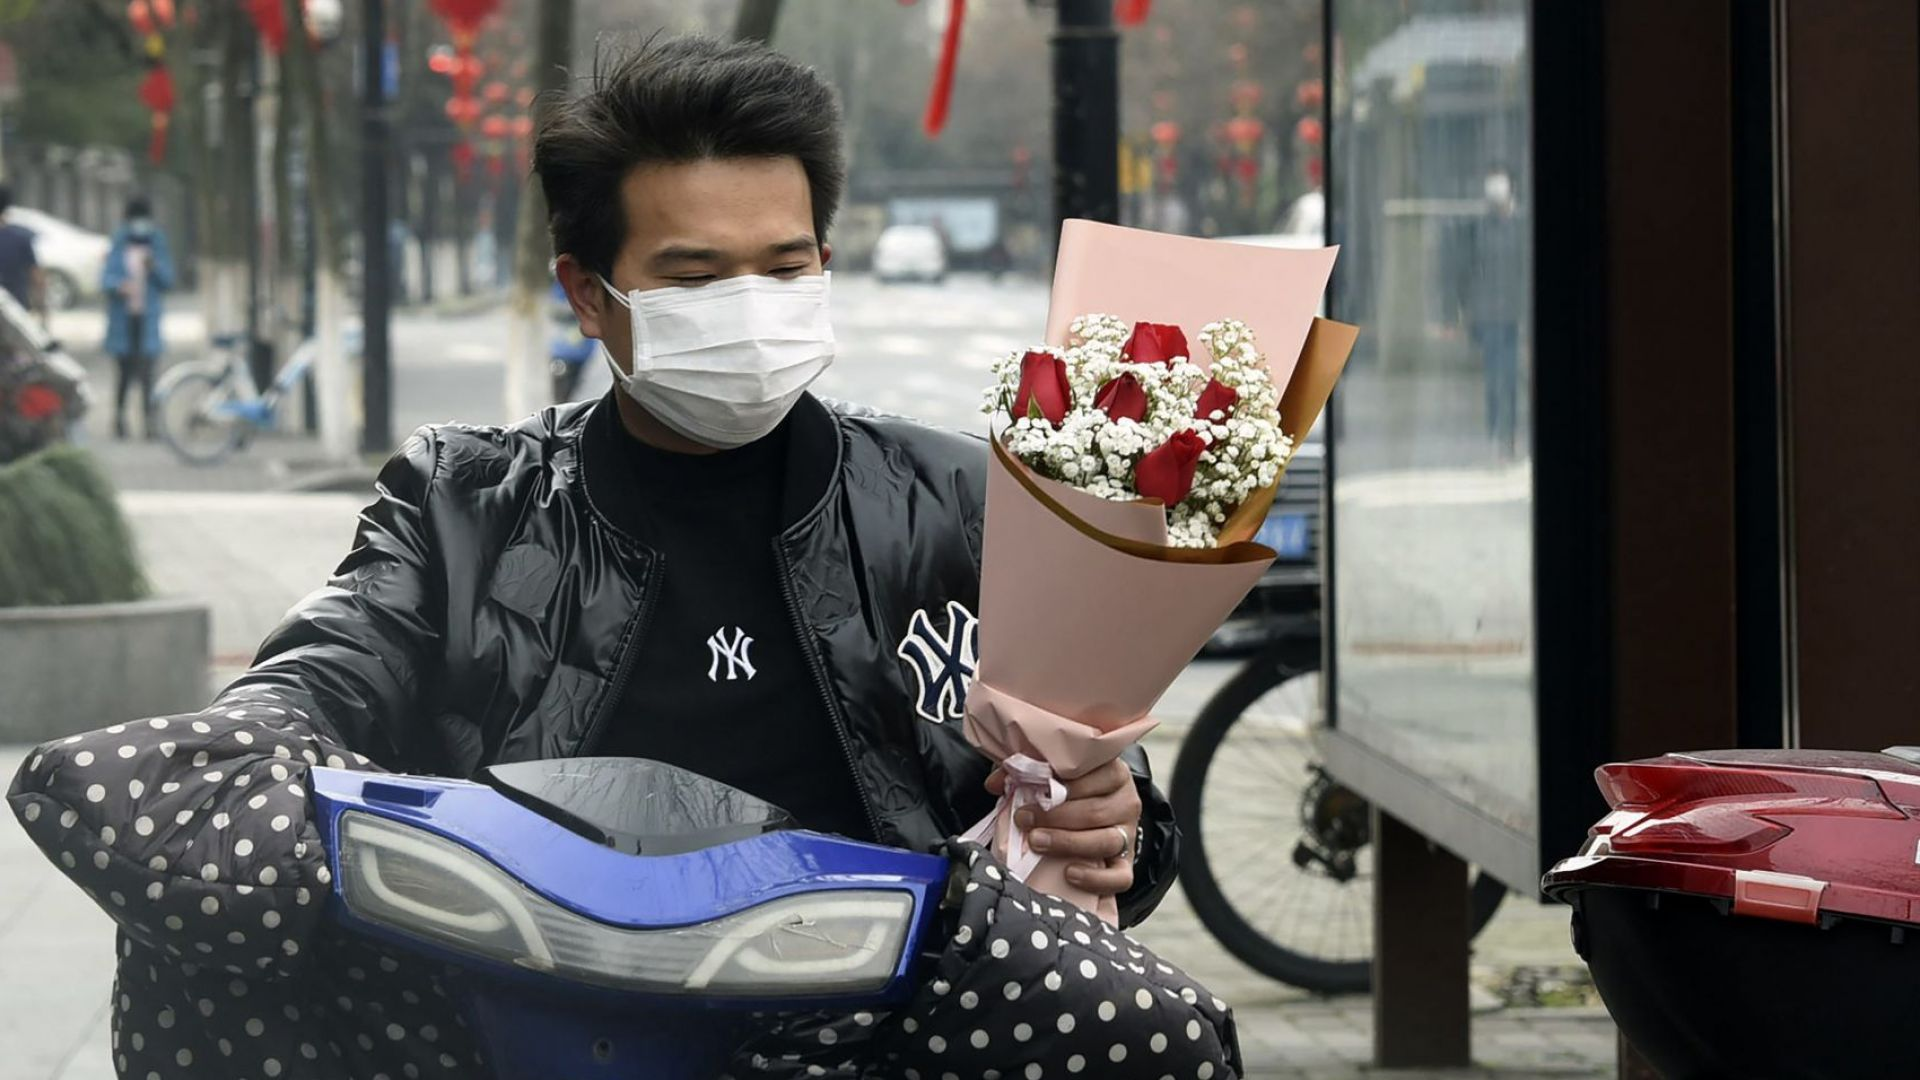 Свети Валентин по света - маски, протести и графити в името на любовта